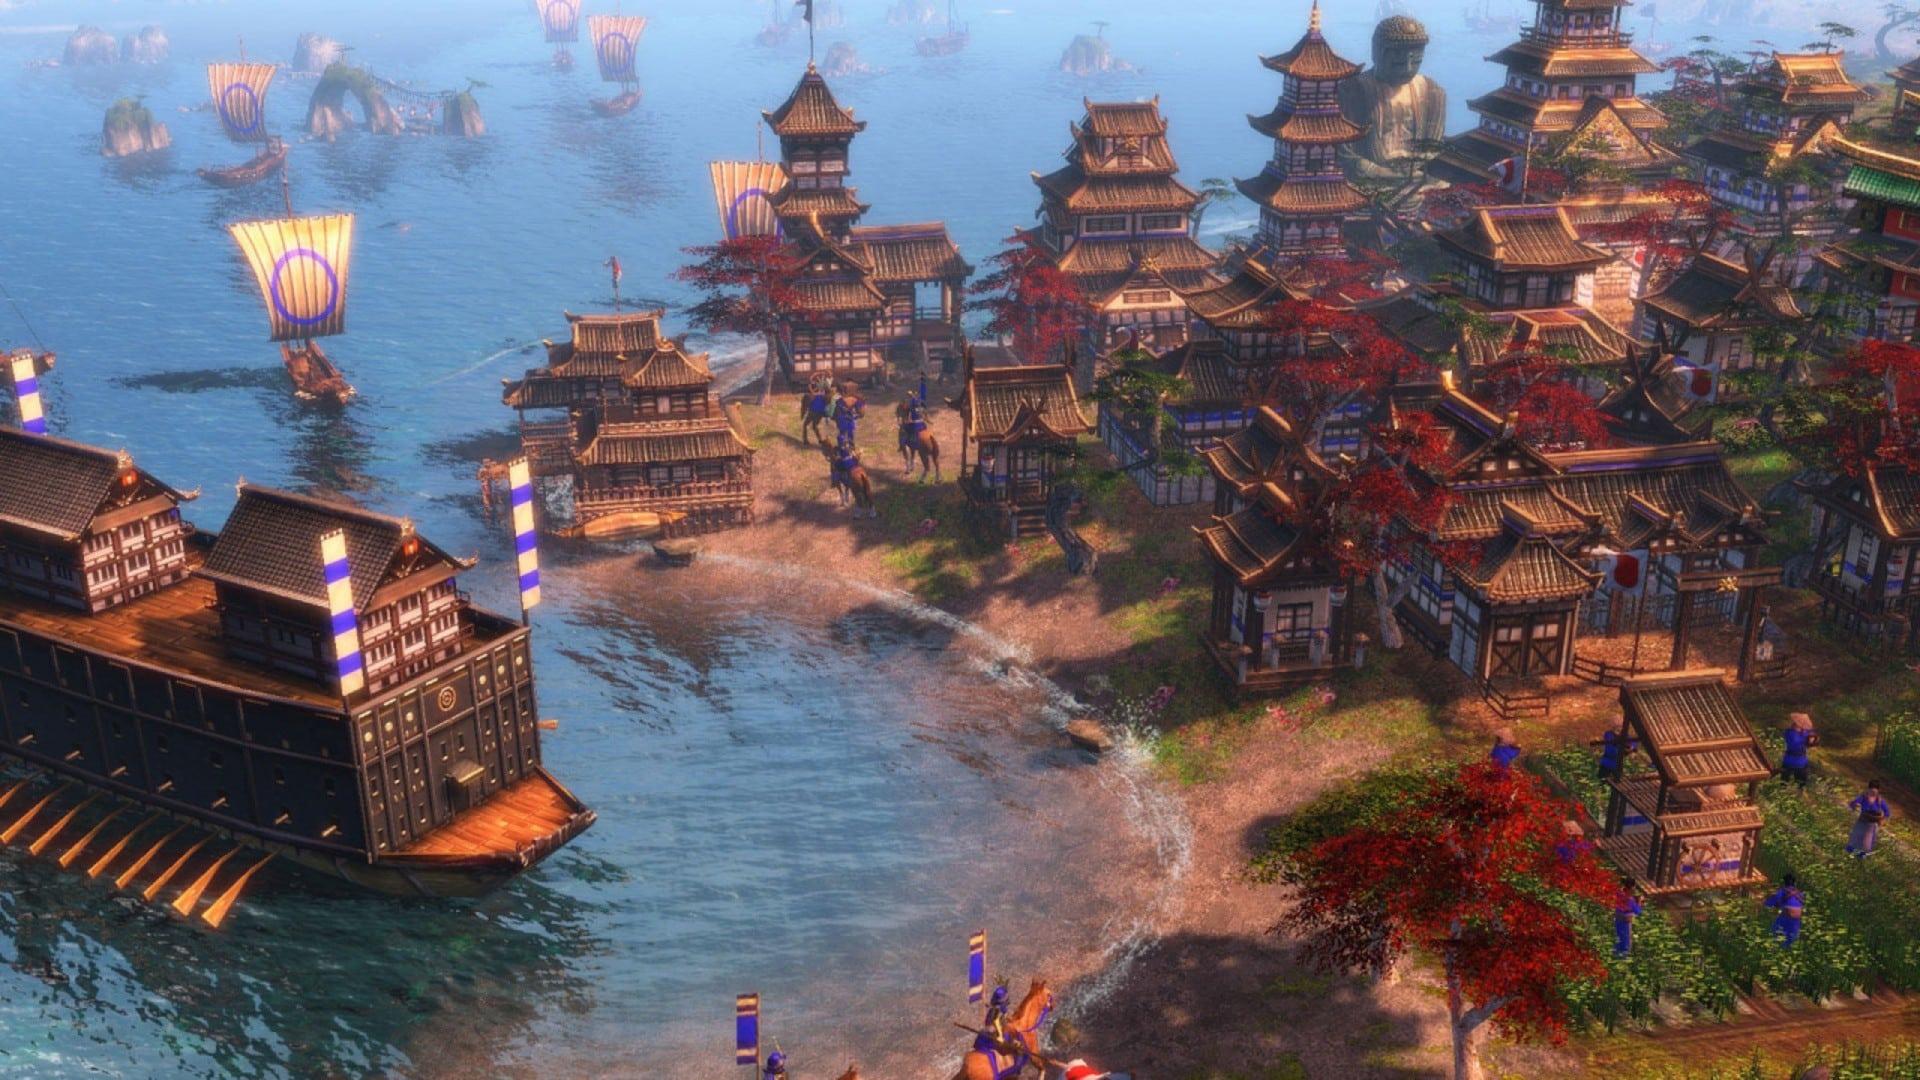 خرید استیم گیفت Age of Empires III Complete Collection اسکرین شات 1